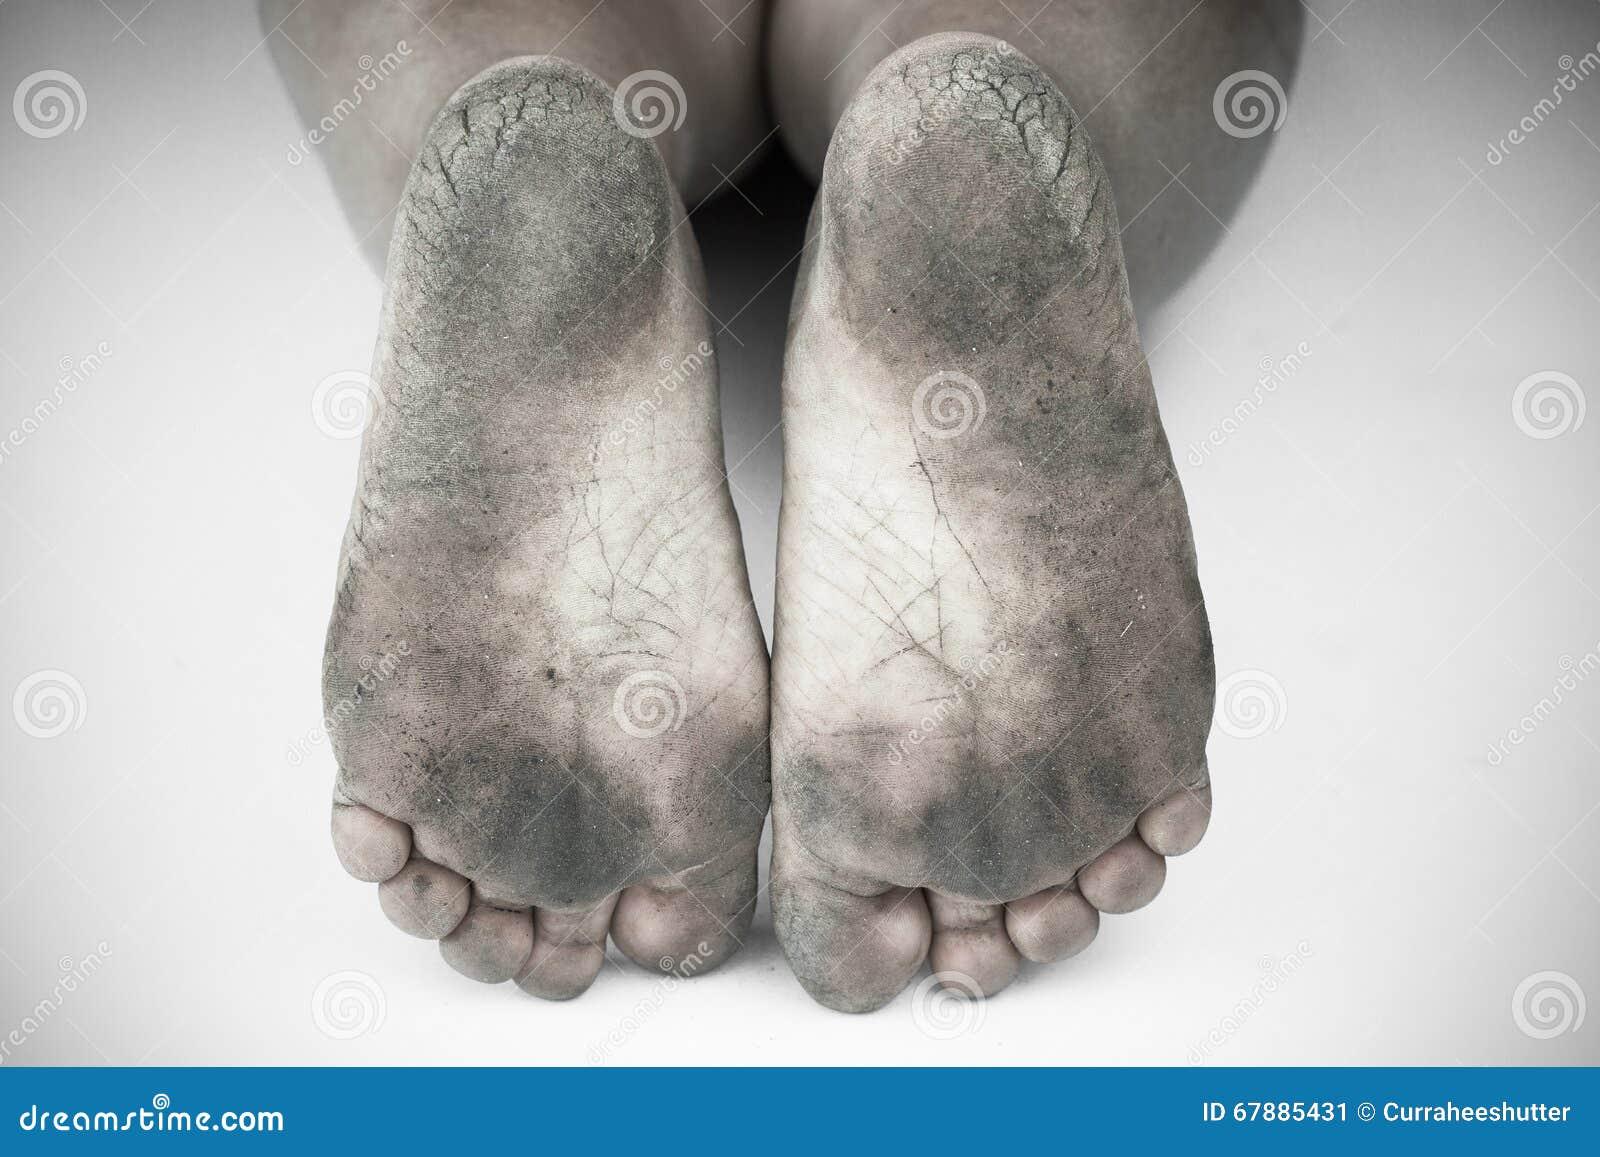 黑白照片或肮脏的脚后面和白色或破裂的脚跟孤立在白色背景,医疗或脚人民的健康